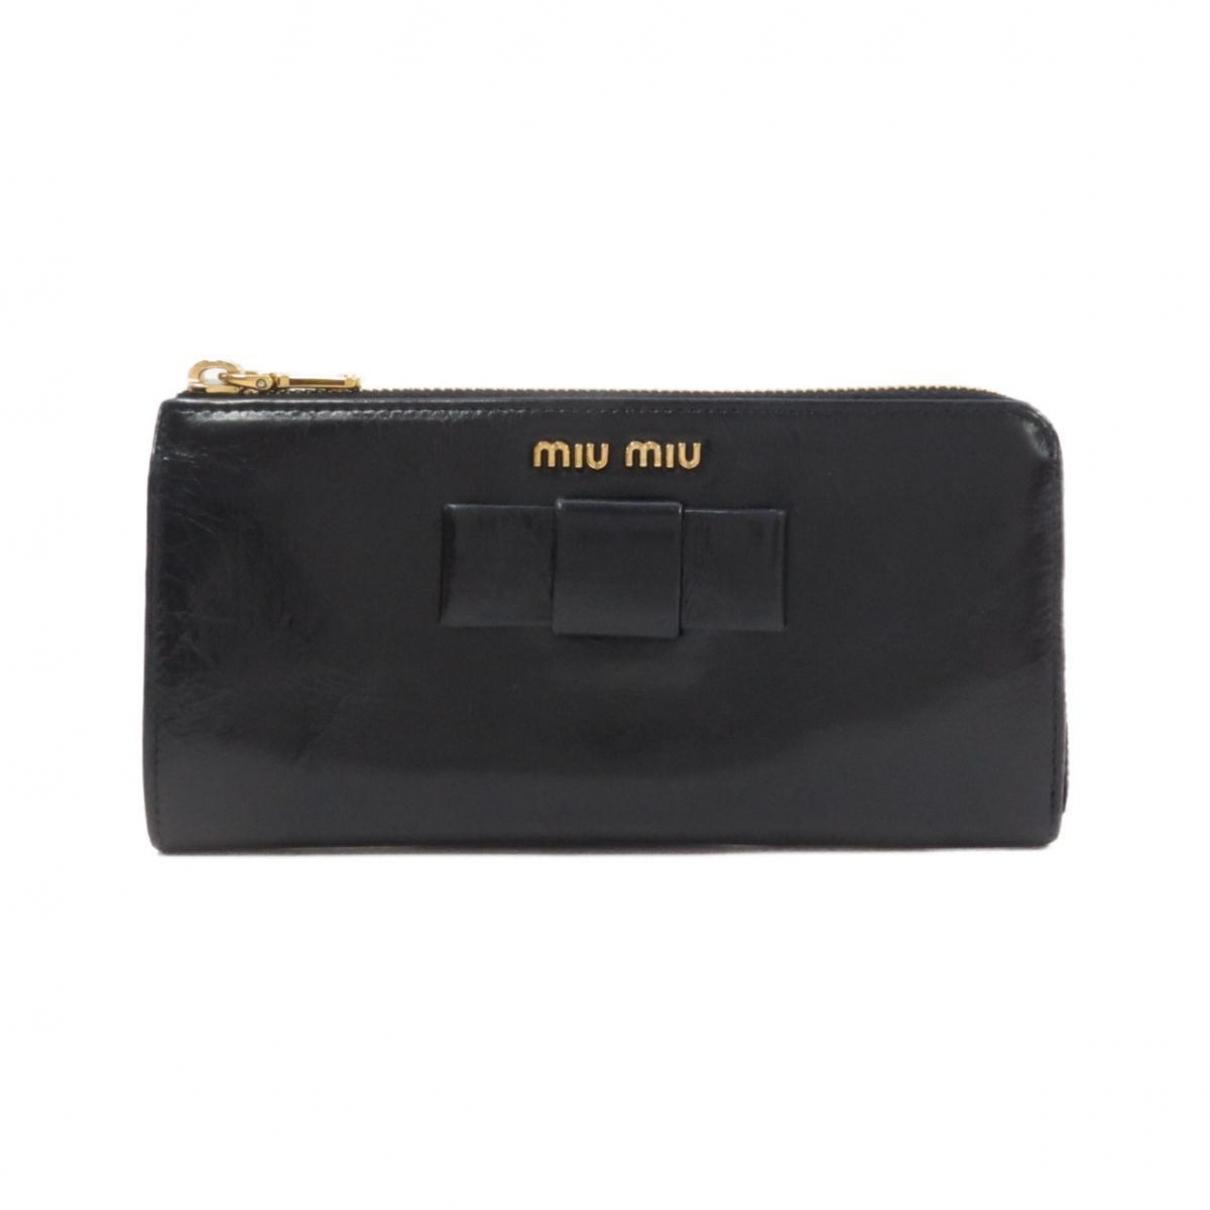 Miu Miu - Portefeuille   pour femme en cuir